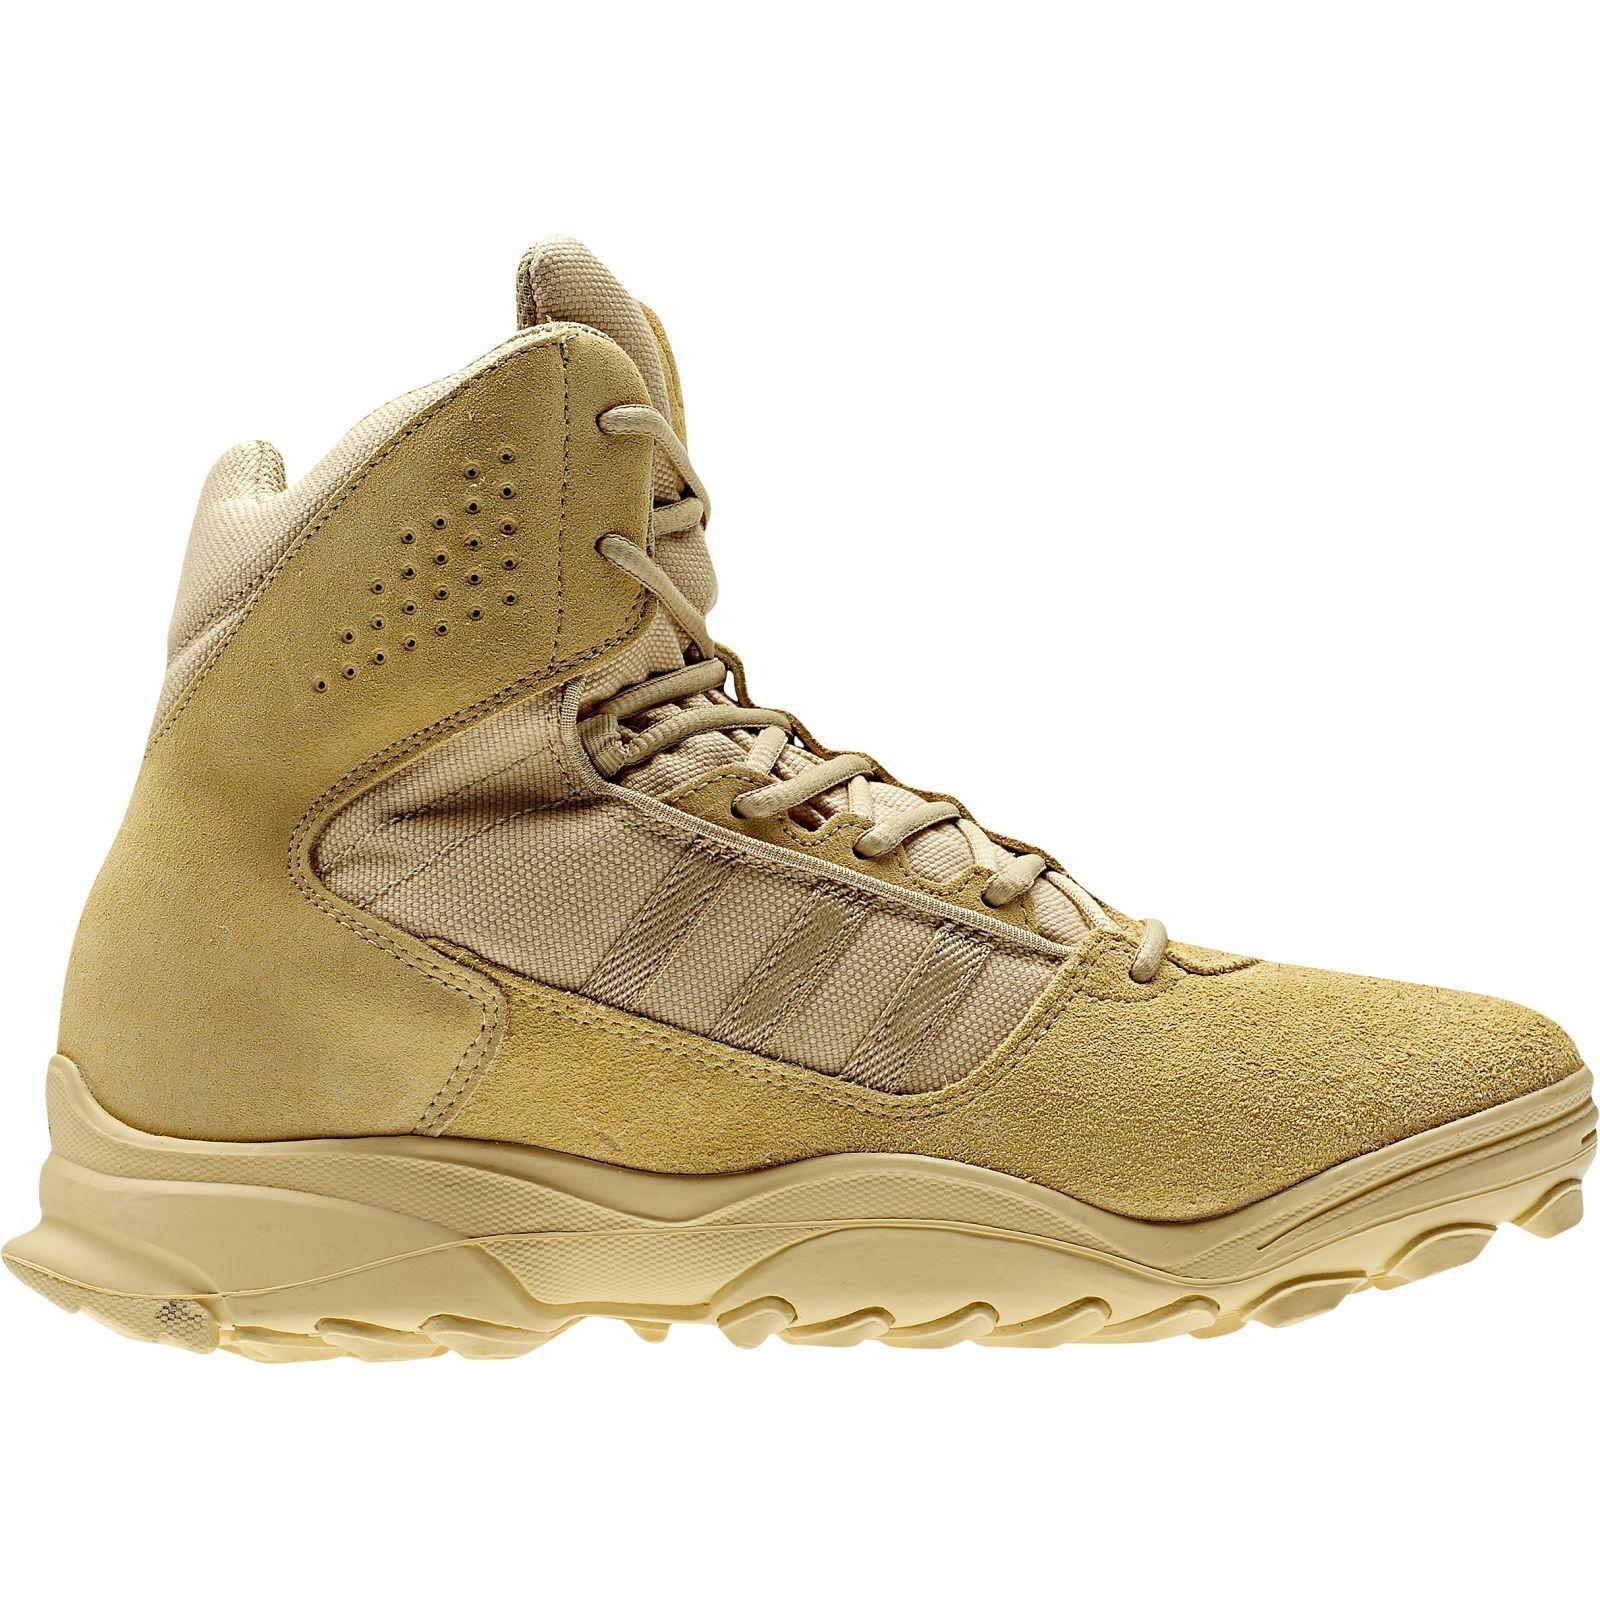 Adidas Public Authority GSG-9.3 Low Sandstone Boots shoes U41774 - Adult Unis